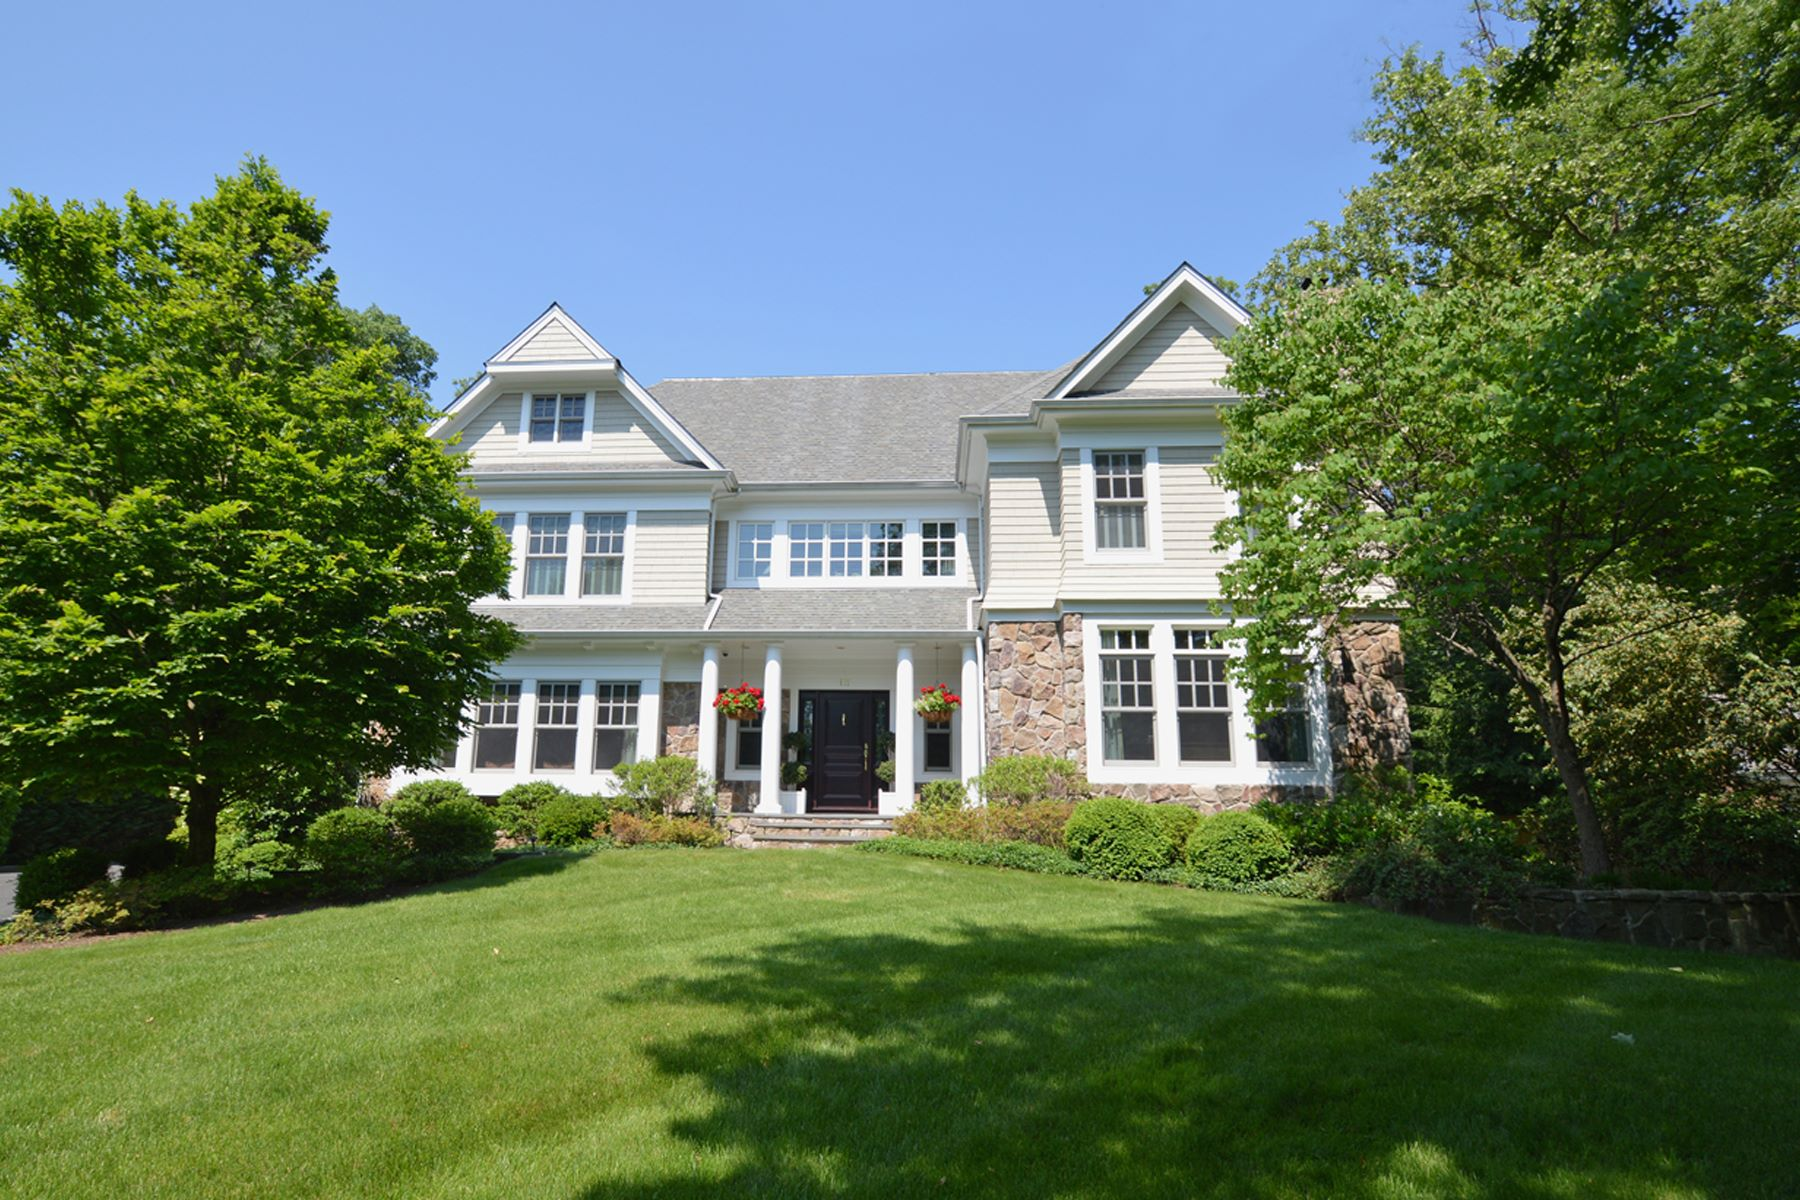 Частный односемейный дом для того Продажа на Masterfully built Northside Center Hall Colonial 111 Whittredge Road Summit, Нью-Джерси 07901 Соединенные Штаты